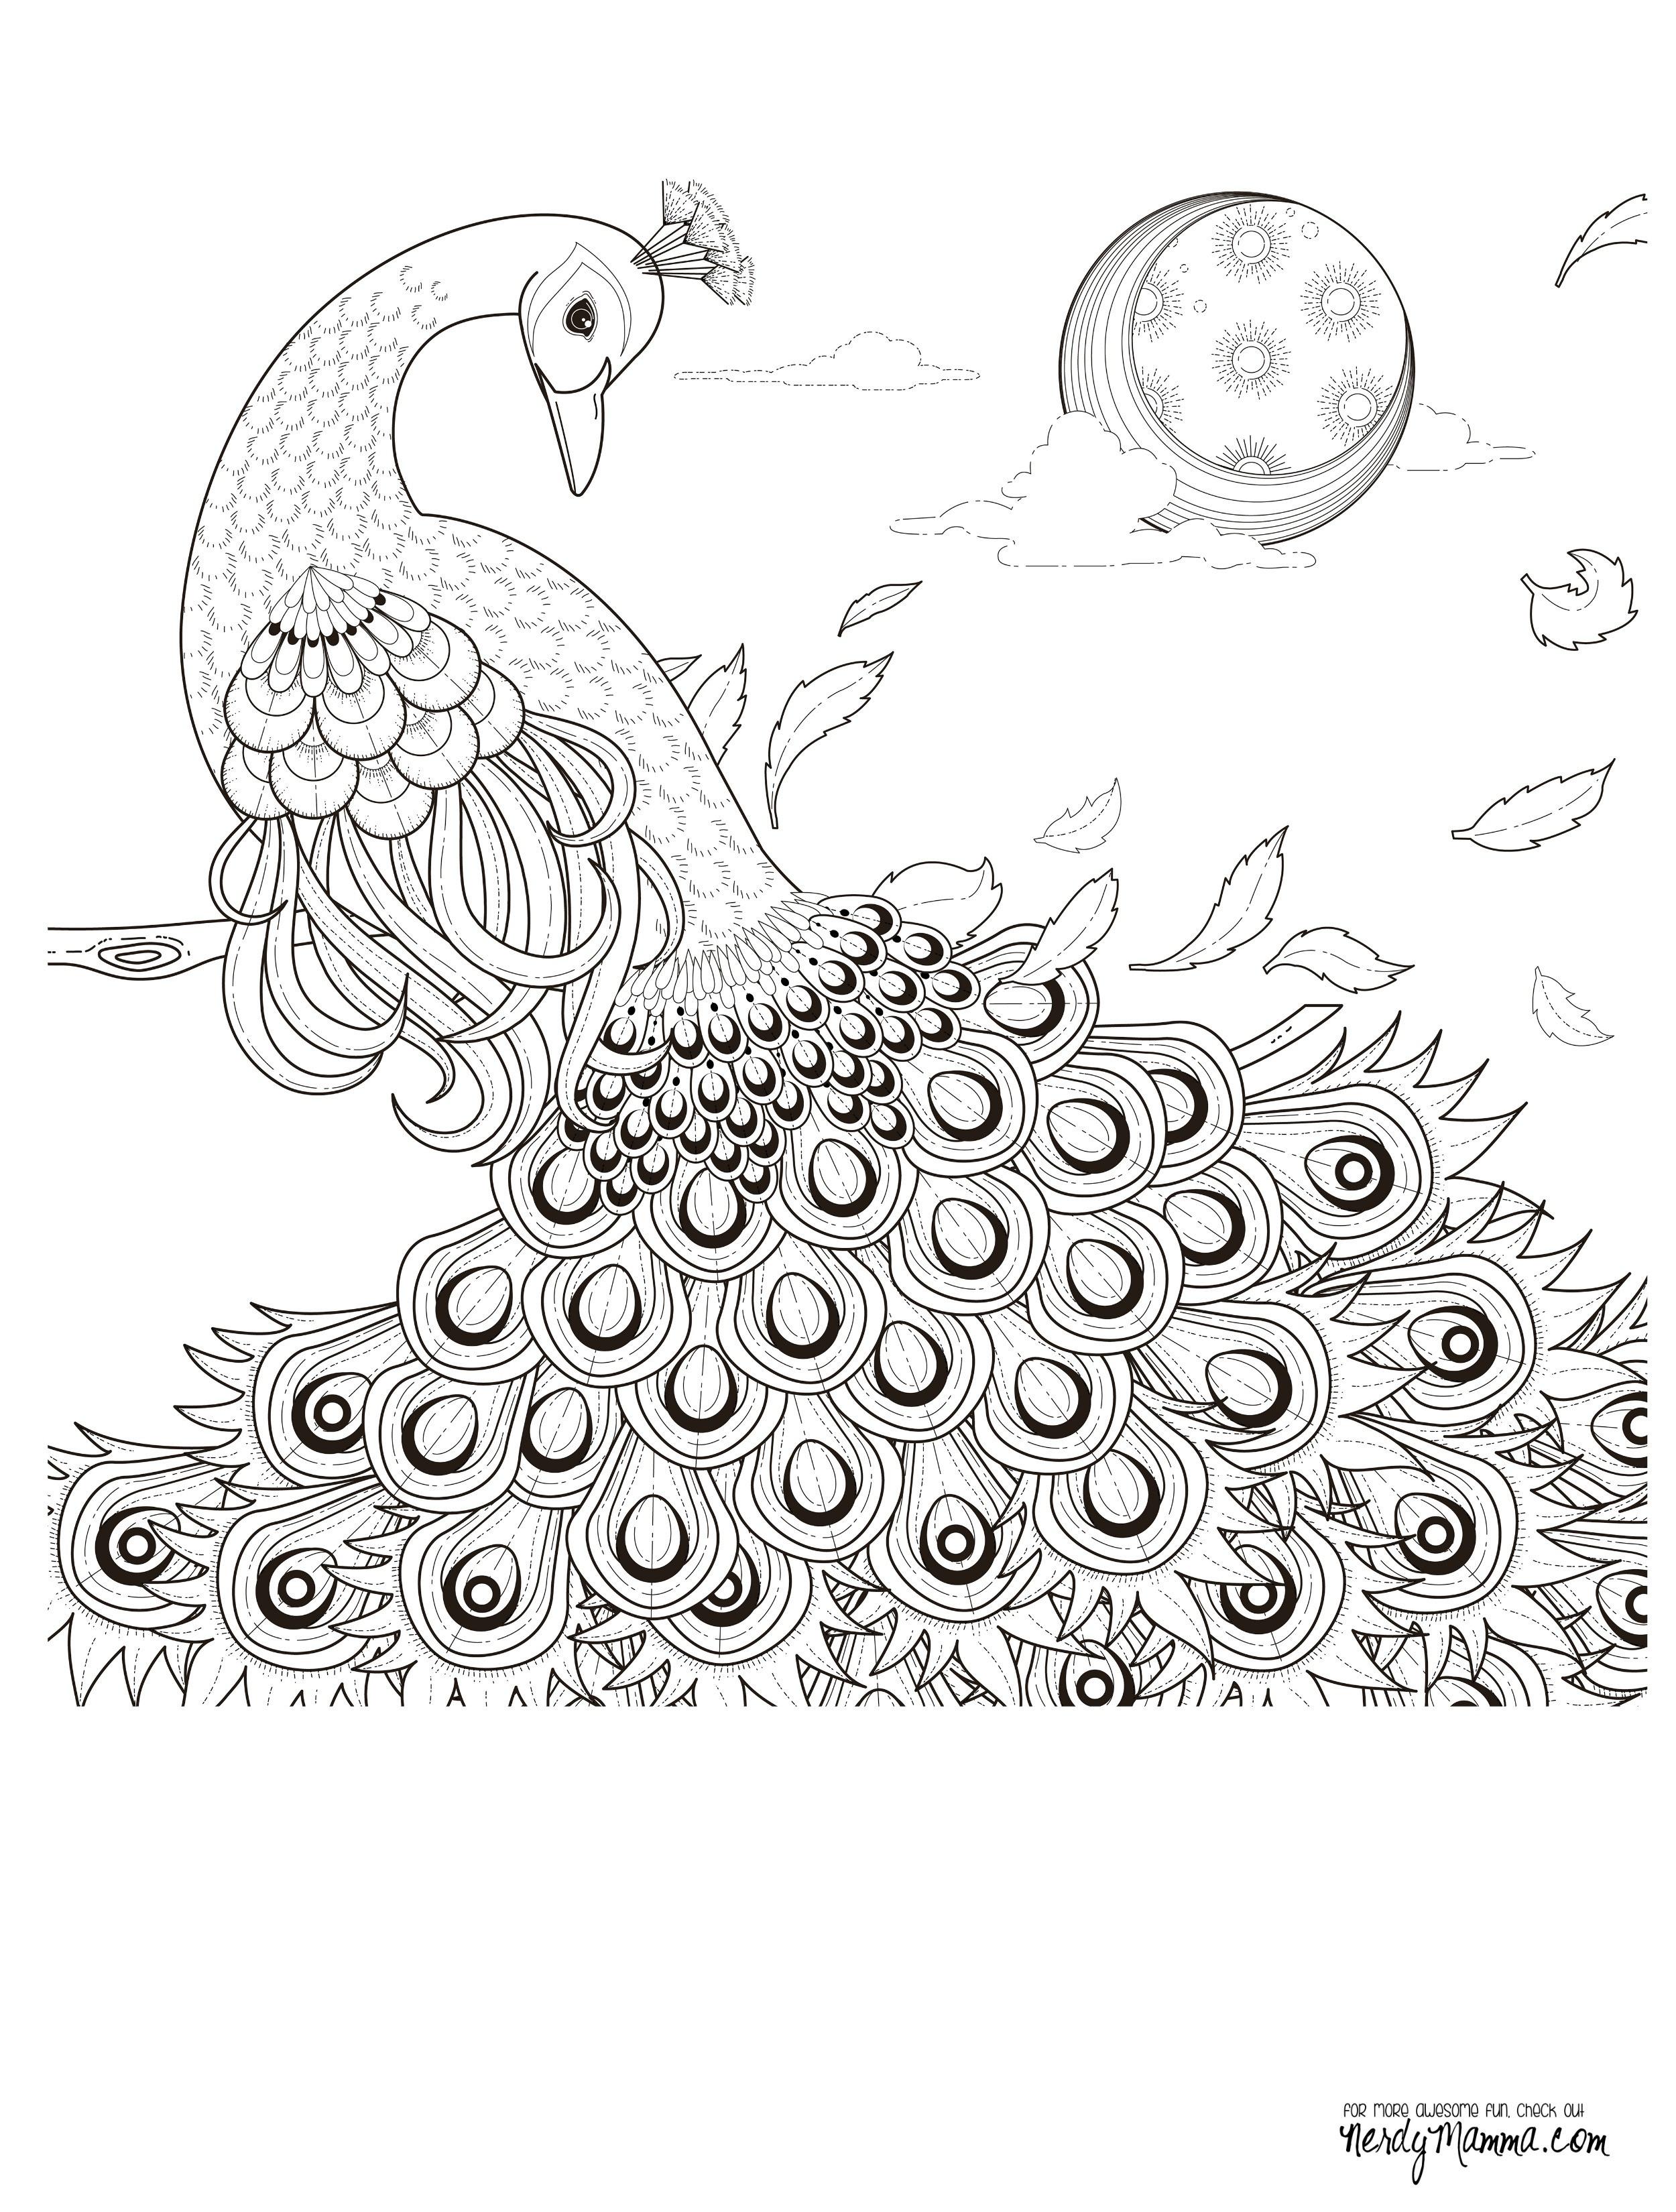 Mandala Zum Ausdrucken Rosen Neu Malvorlagen Rose Einzigartig Malvorlage Quelle Inspirierend Schön Galerie